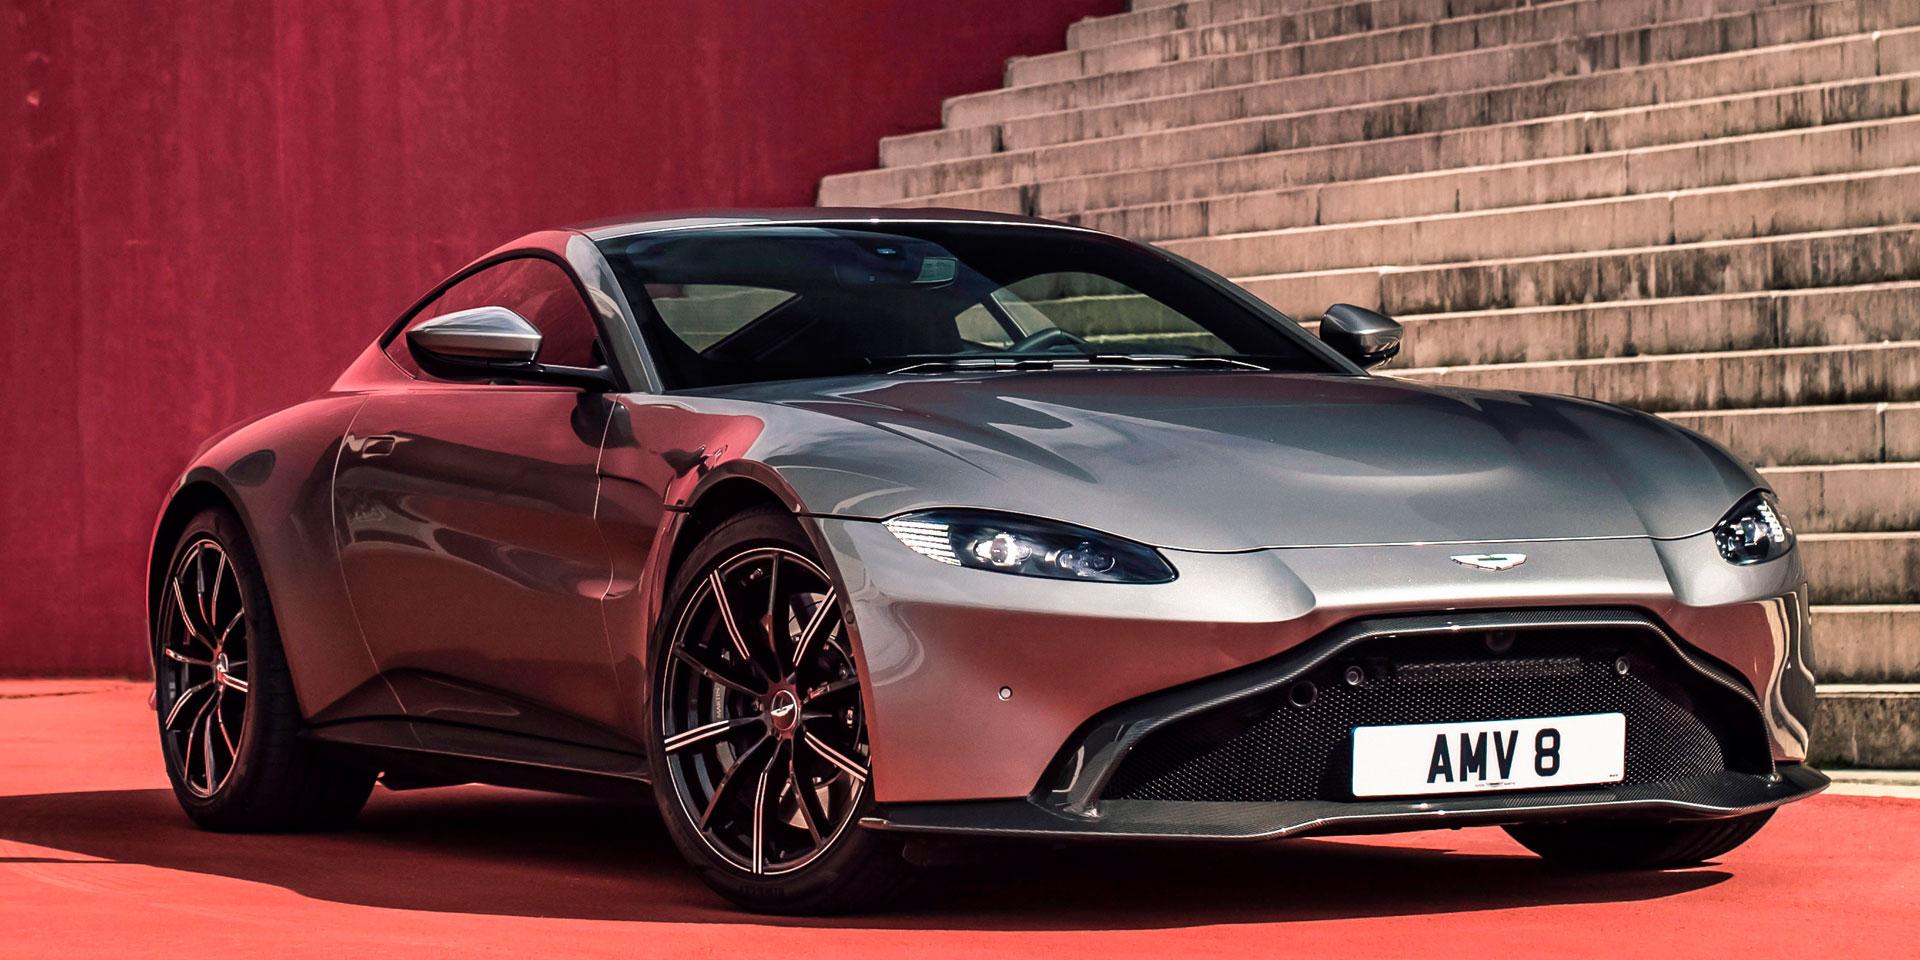 2019 - Aston Martin - Vantage - Vehicles on Display ...